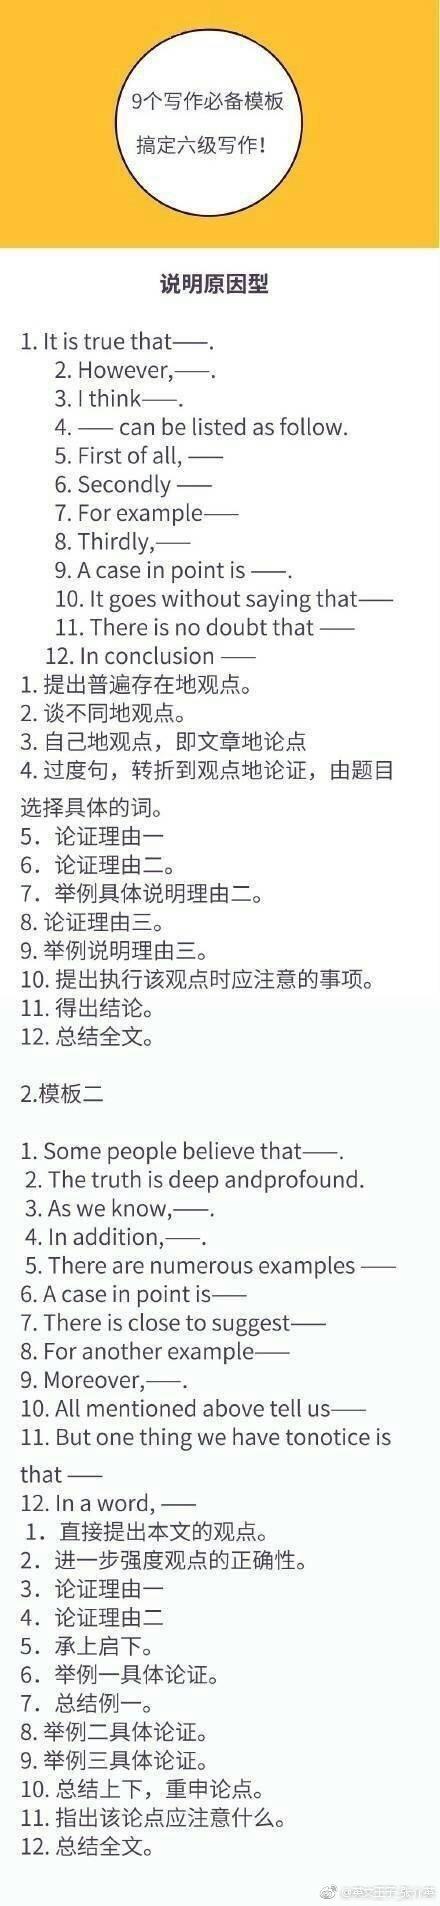 九个高级写作模板,搞定考研英语,四六级考试写作